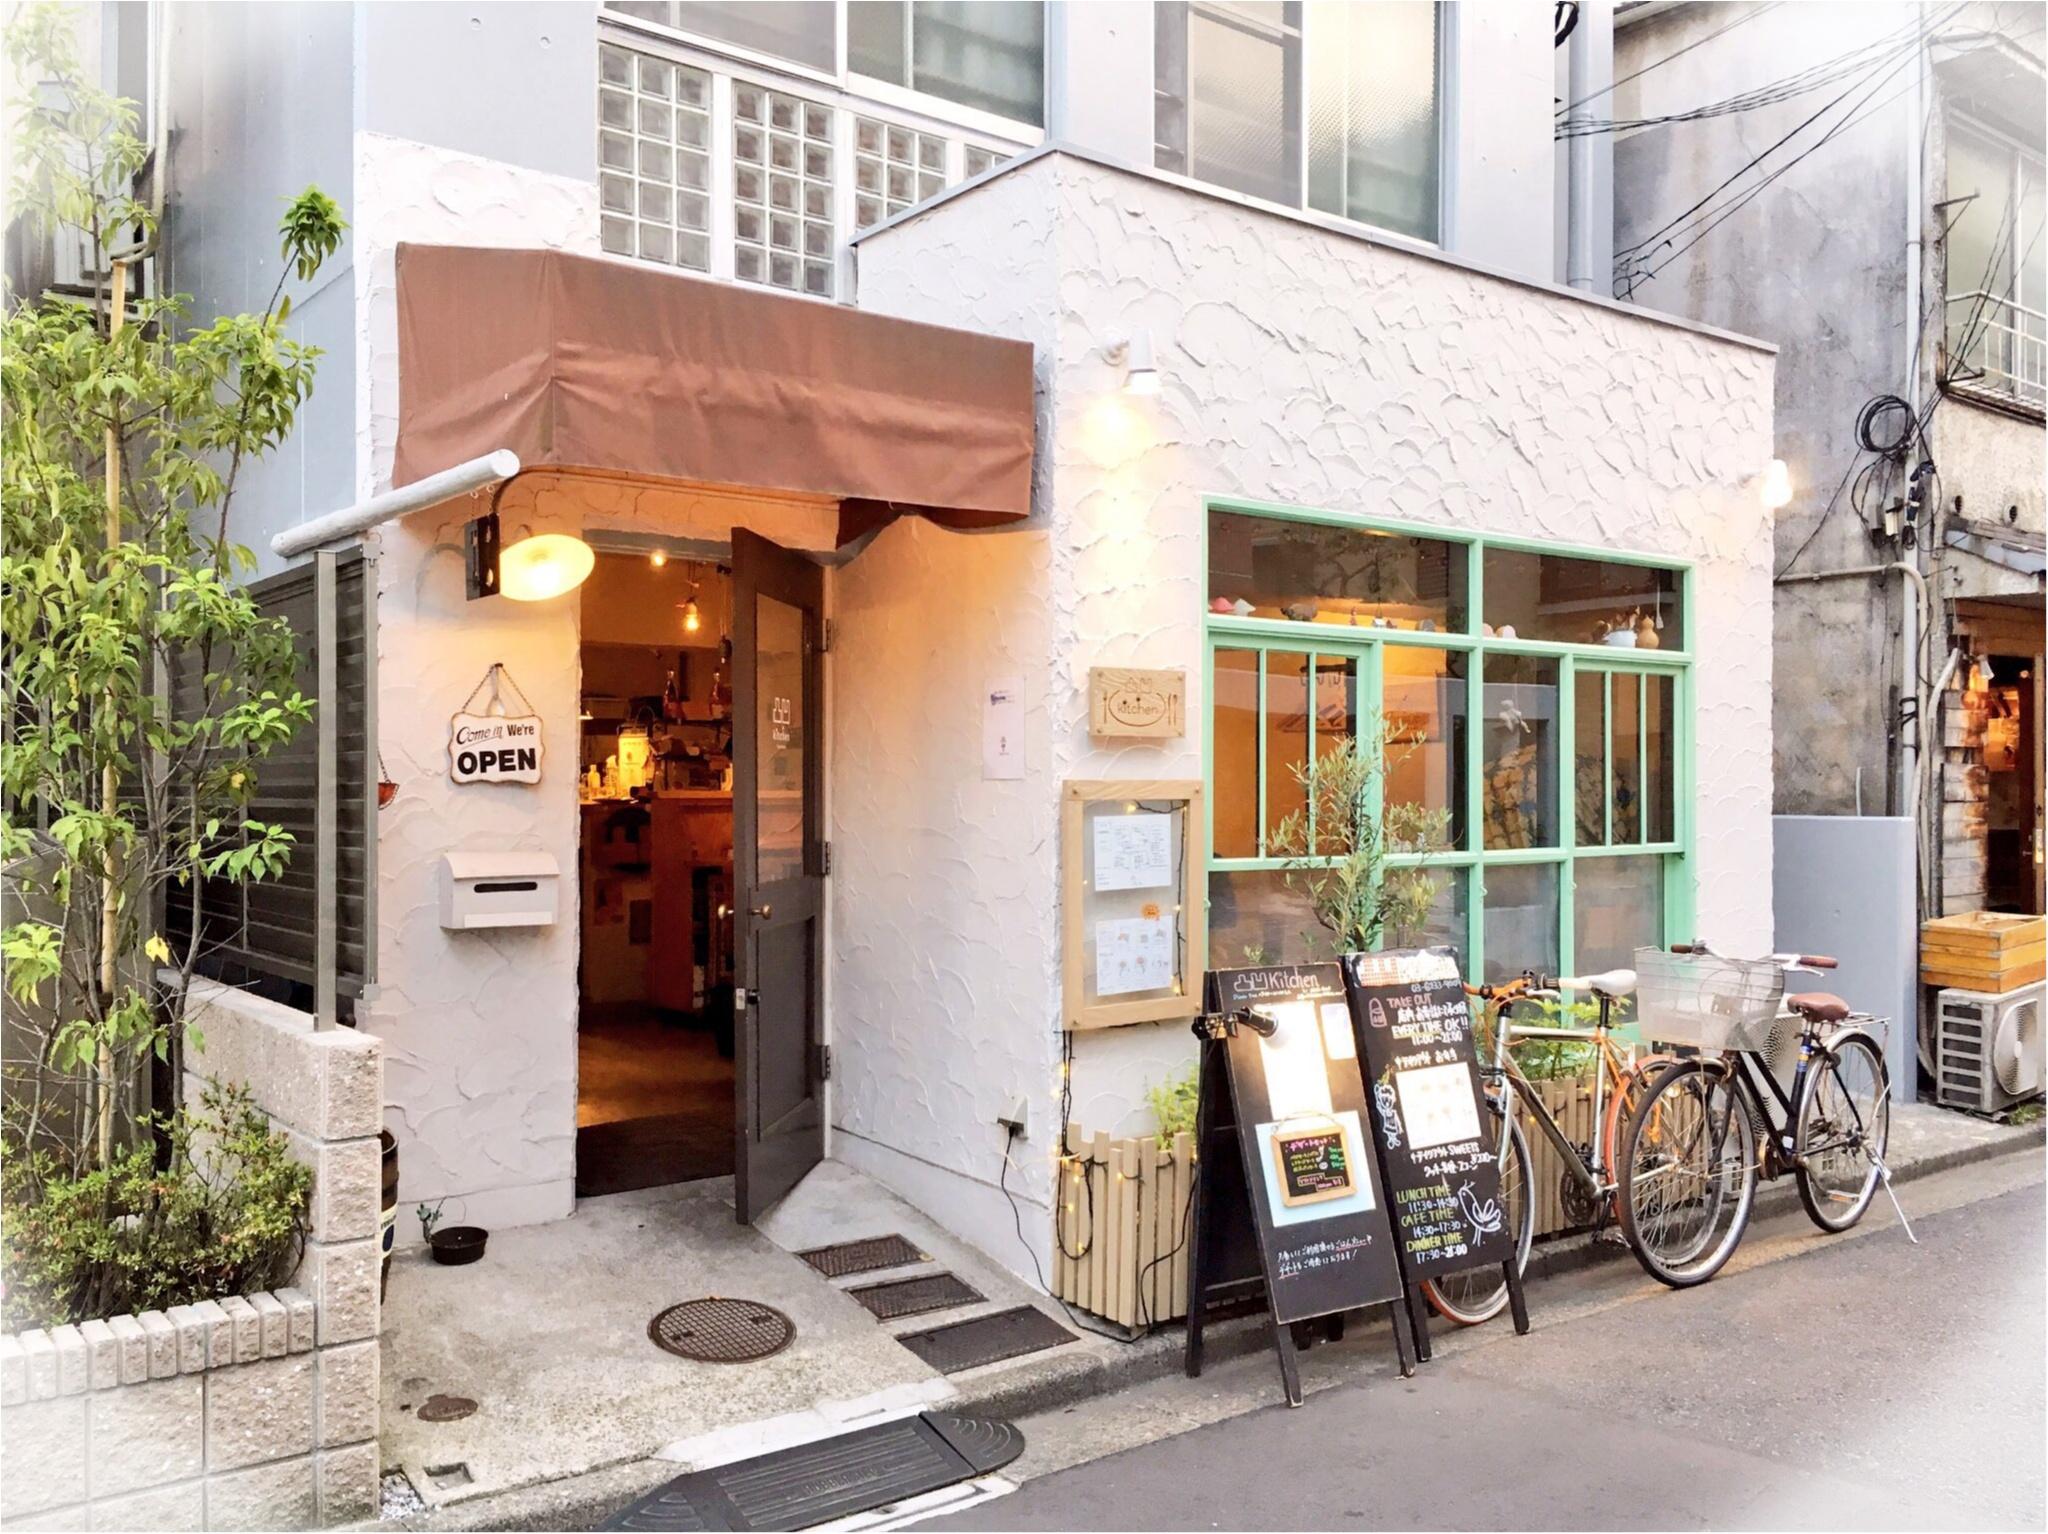 高田馬場の路地裏カフェ『凸凹キッチン』がナチュラルかわいい♡ | happy